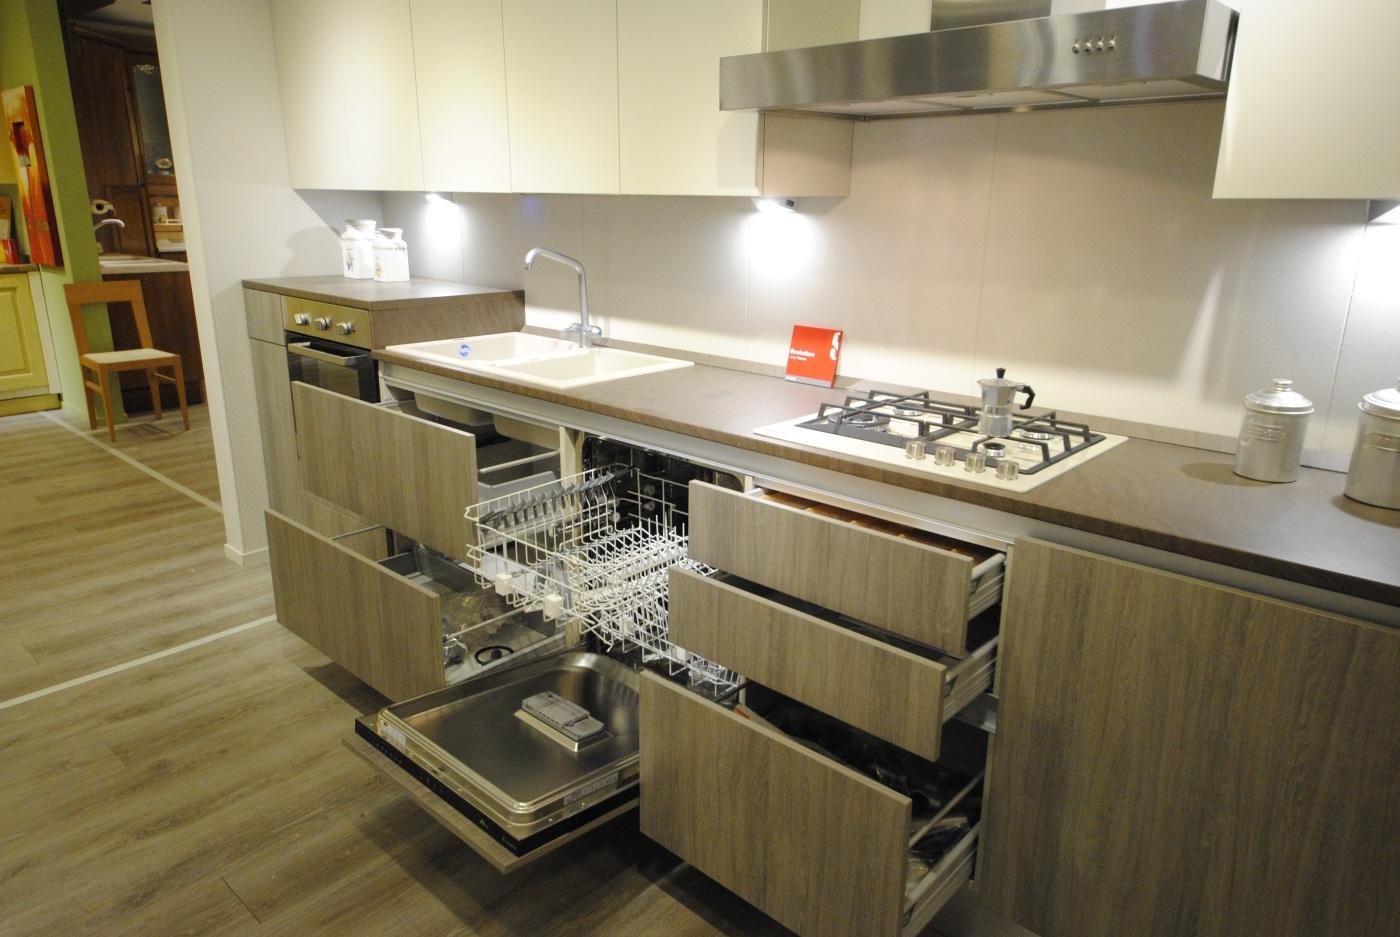 Offerta cucina scavolini basic modello evolution decorativo e laccato opaco san gaetano - Cucina scavolini prezzo ...